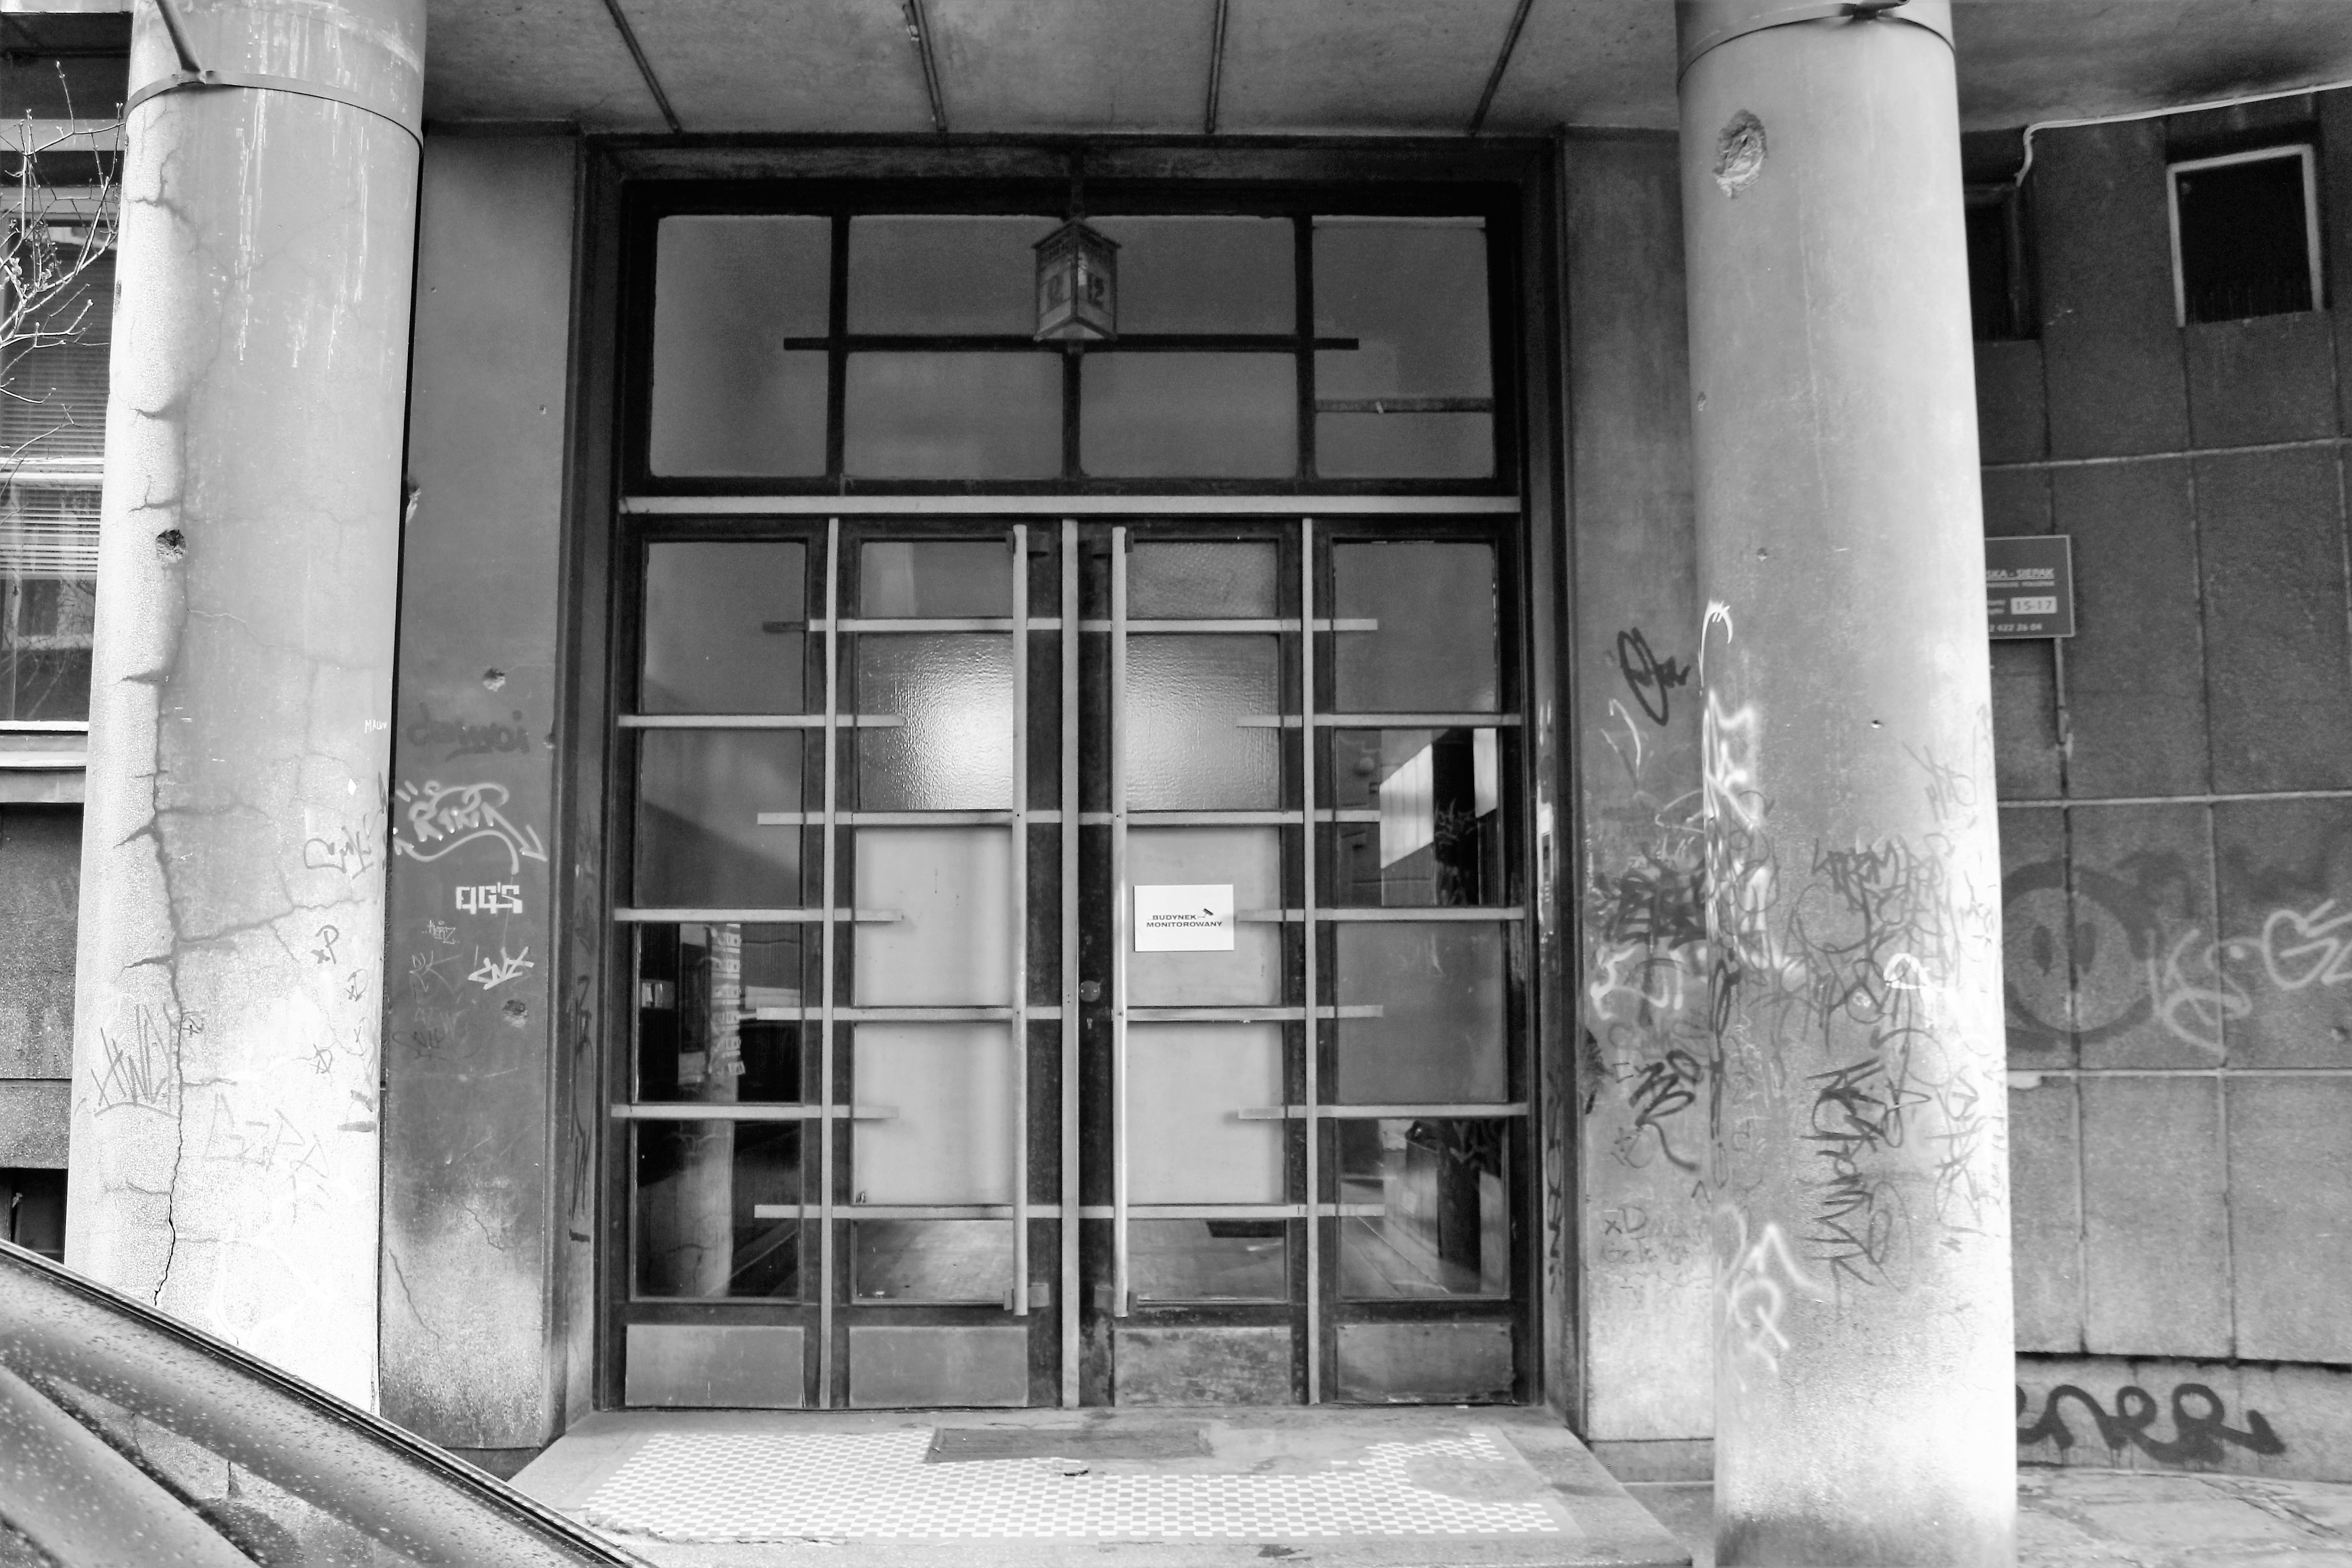 09-krakow-kamiencia-przy-krzywej-12-widok-bramy-wejsciowej-do-budynu-przed-remontem